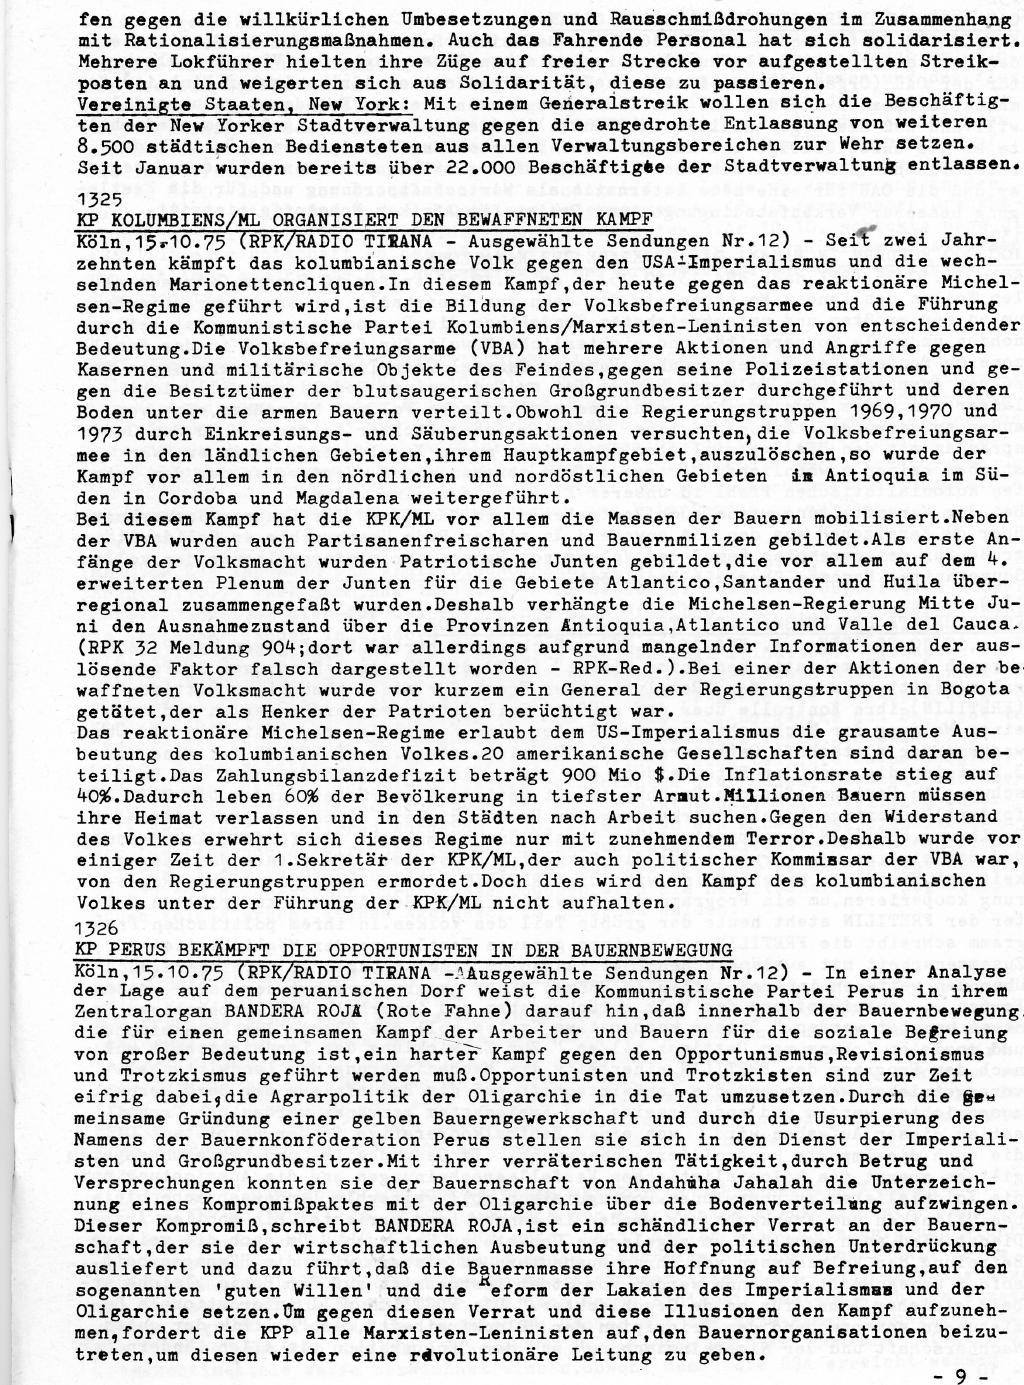 RPK_Pressedienst_1975_48_09